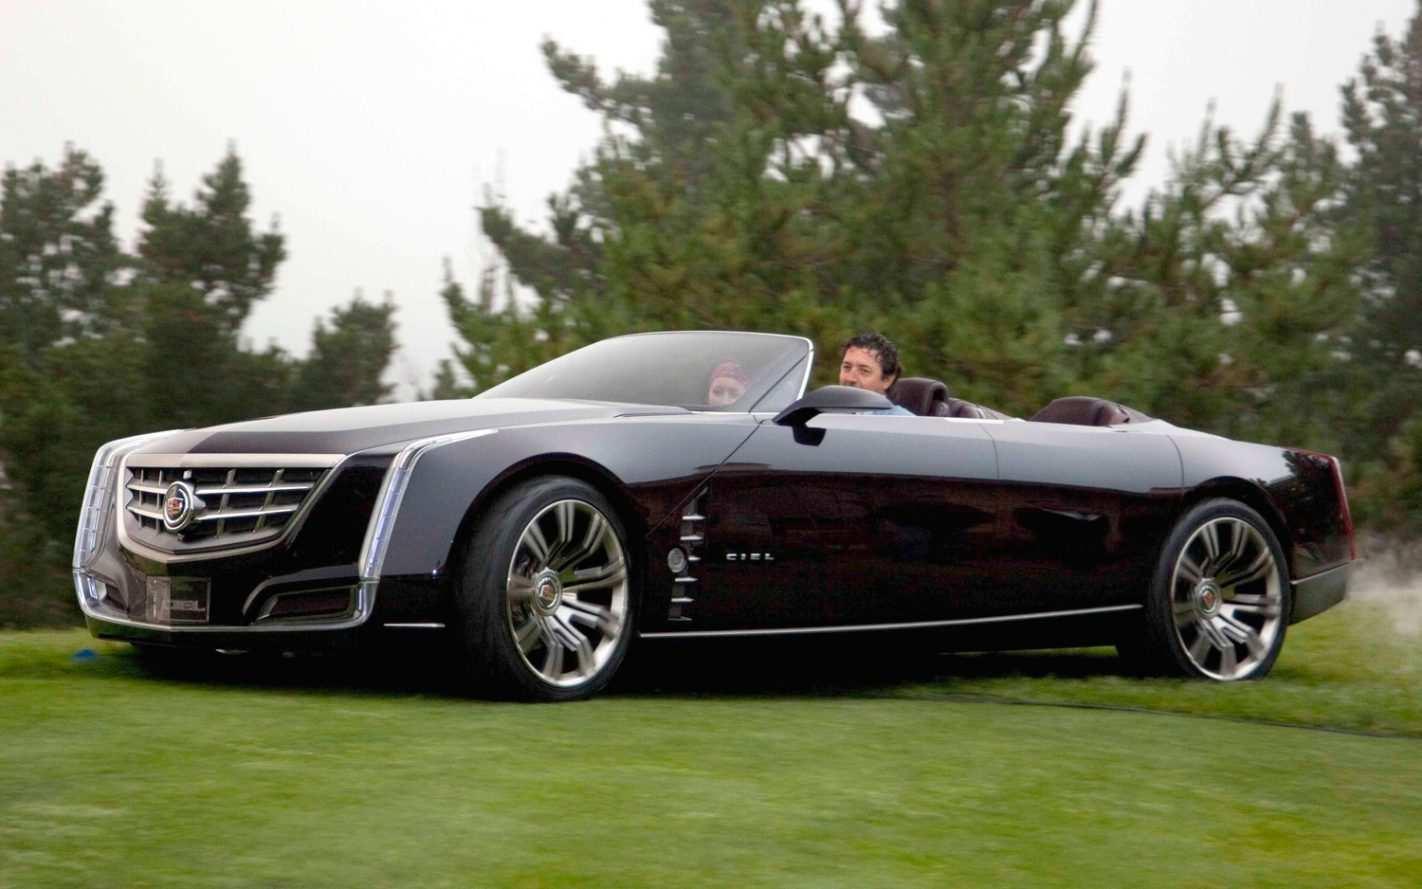 38 Concept of 2019 Cadillac Eldorado Specs and Review by 2019 Cadillac Eldorado